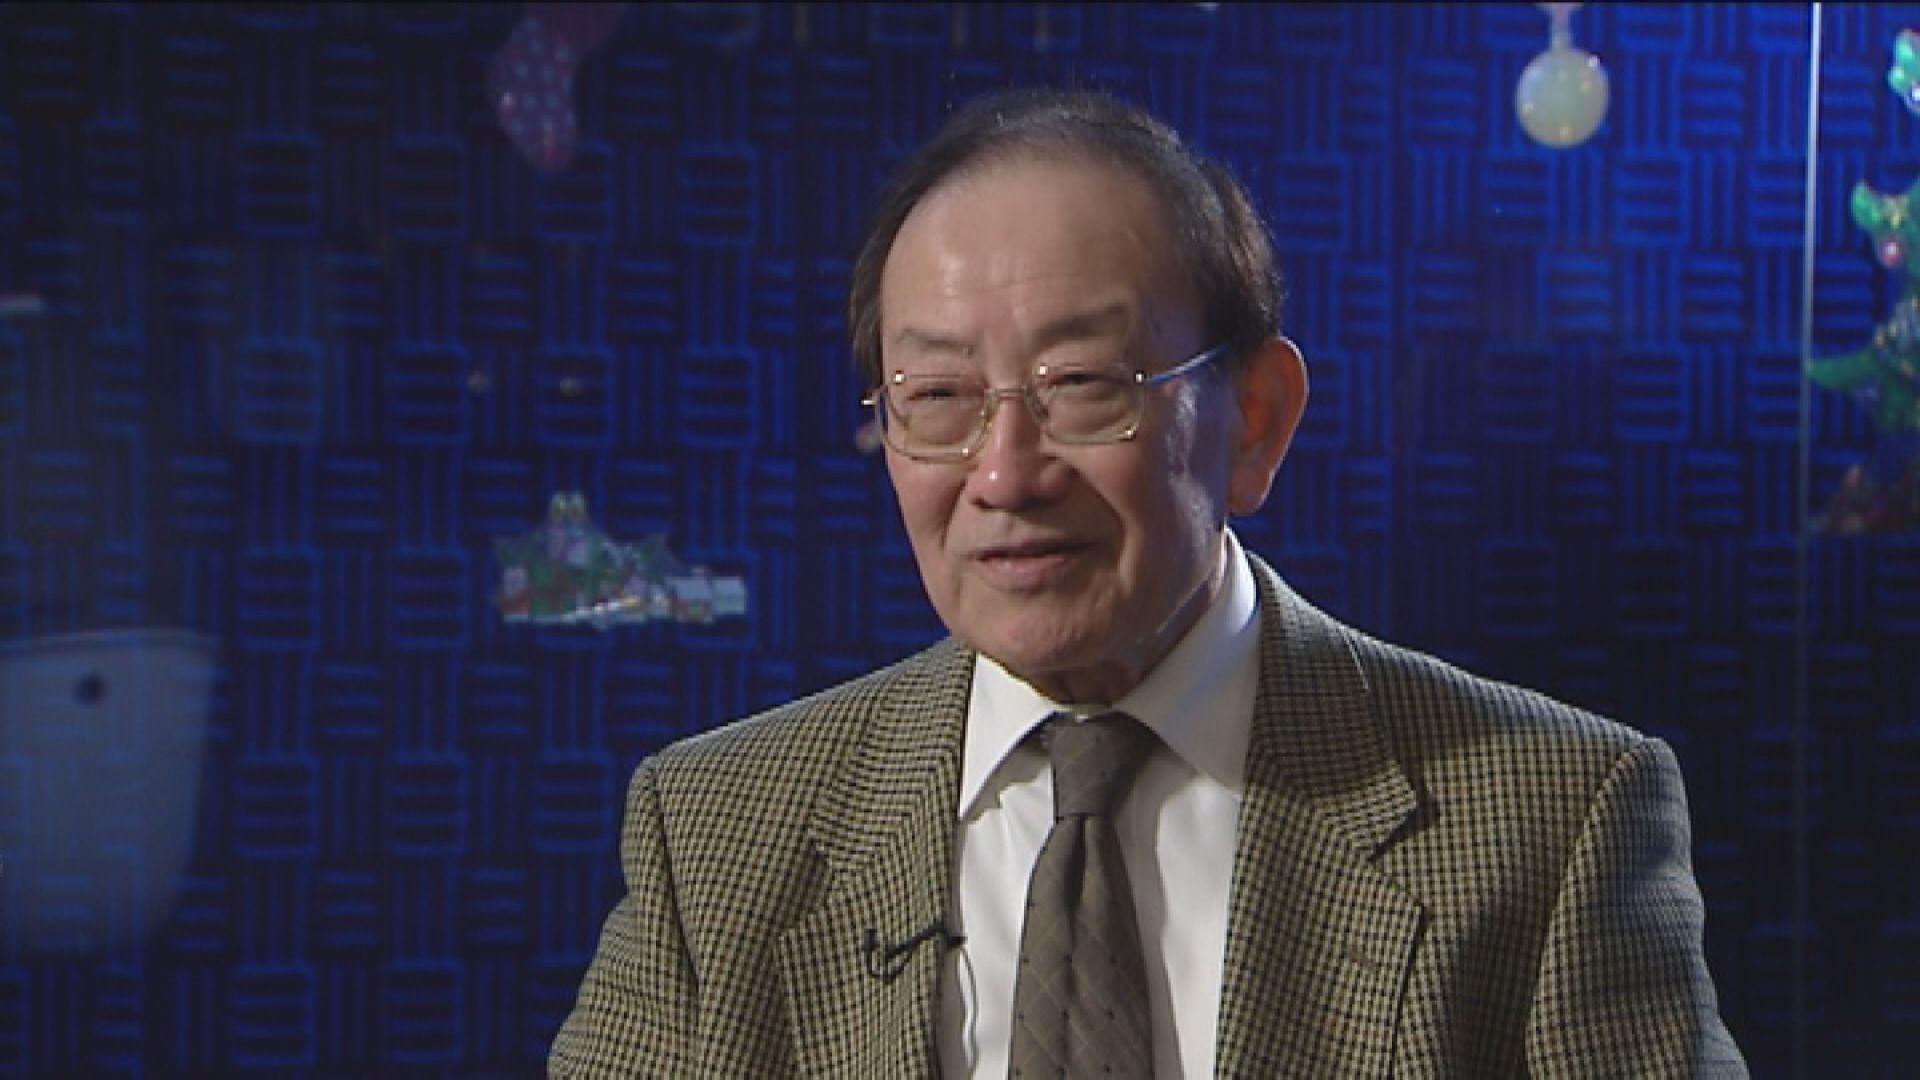 前行政立法兩局議員李鵬飛上周五離世 享年80歲